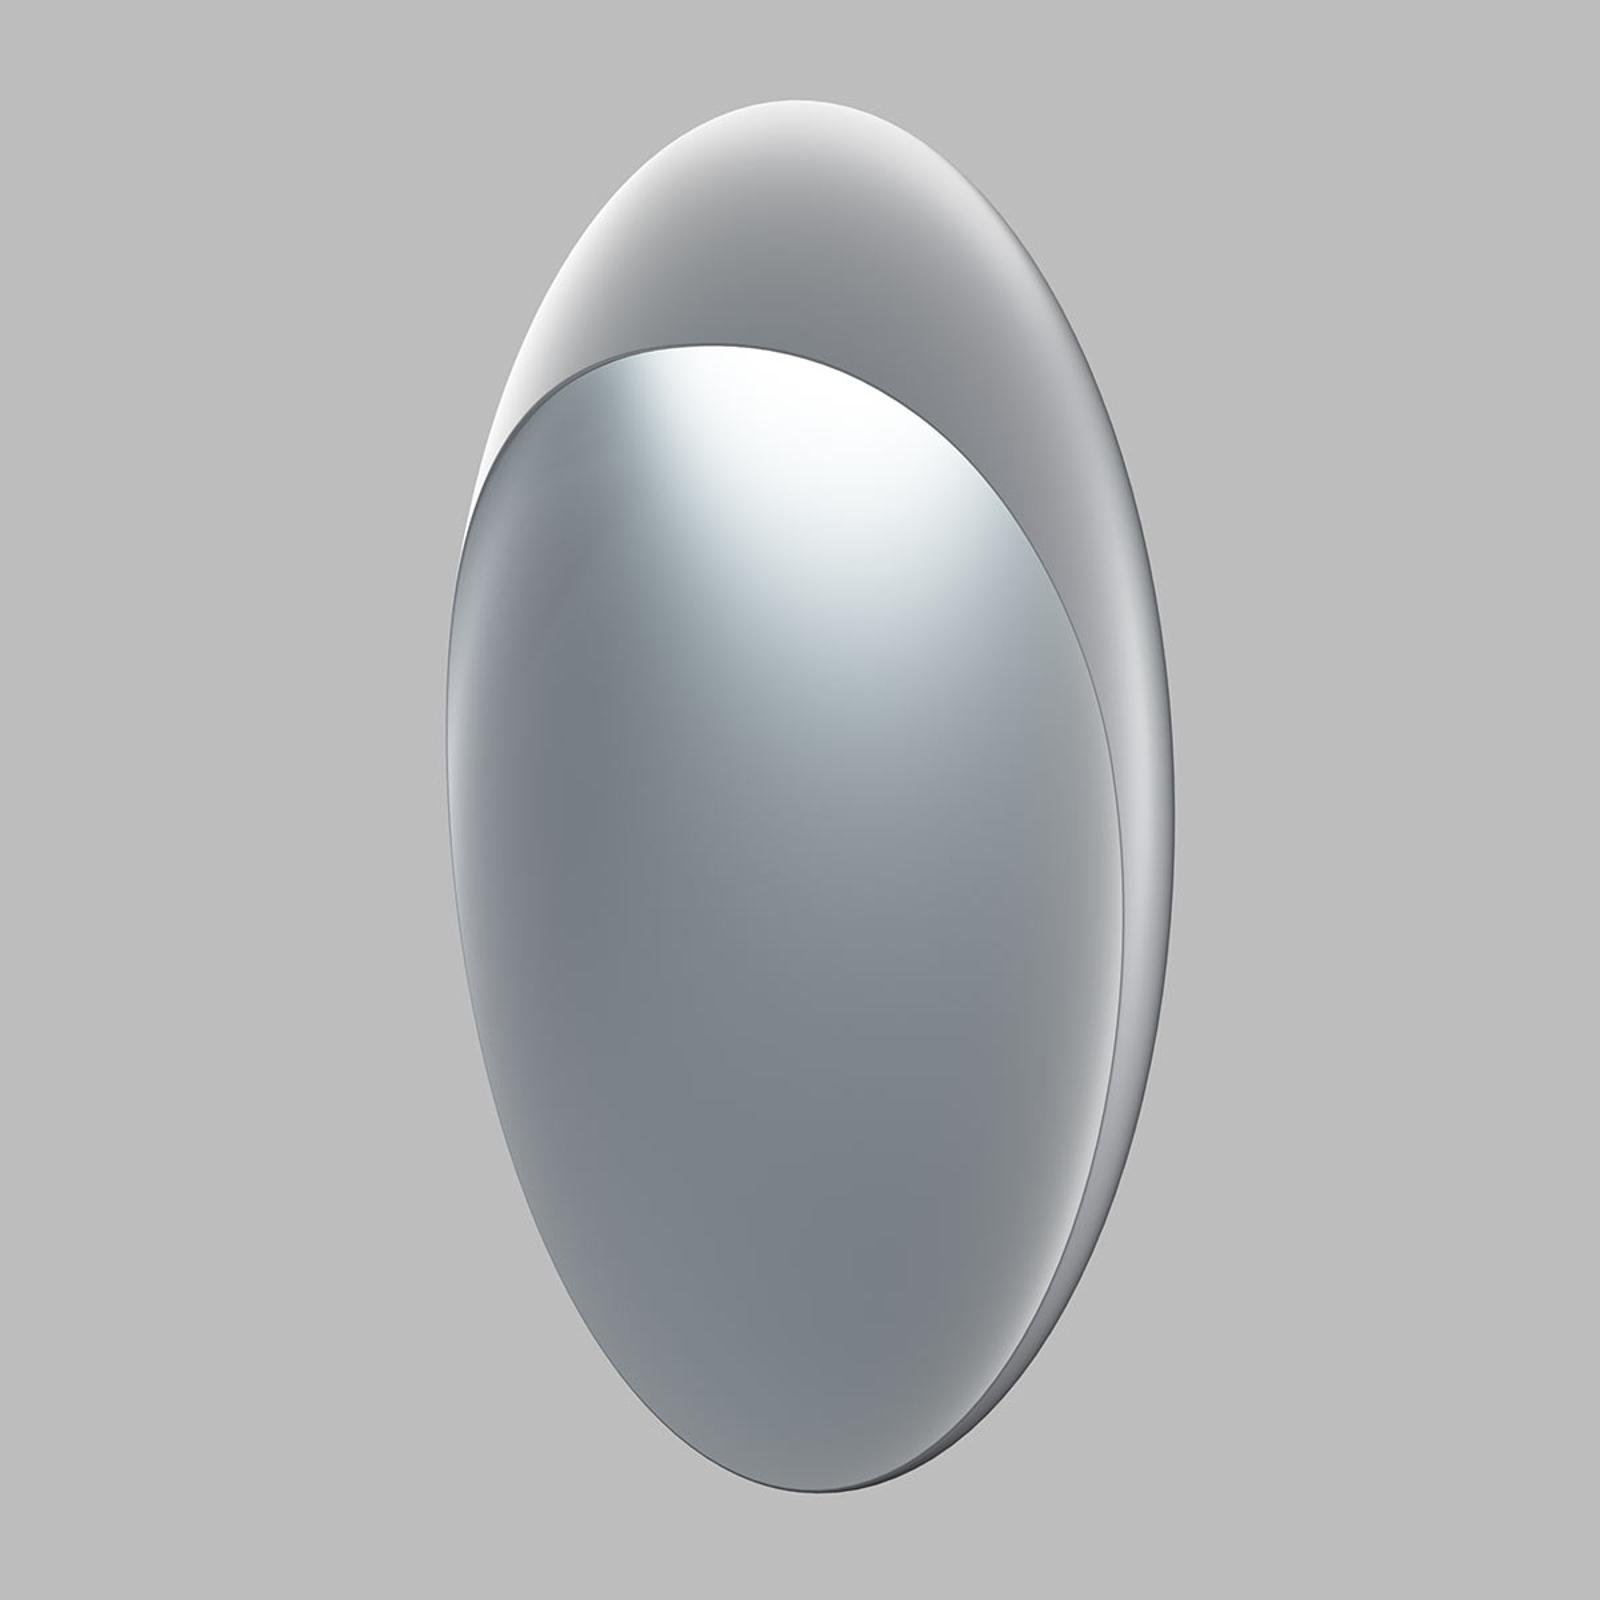 Louis Poulsen Flindt vägglampa Ø20cm alumin. 2700K